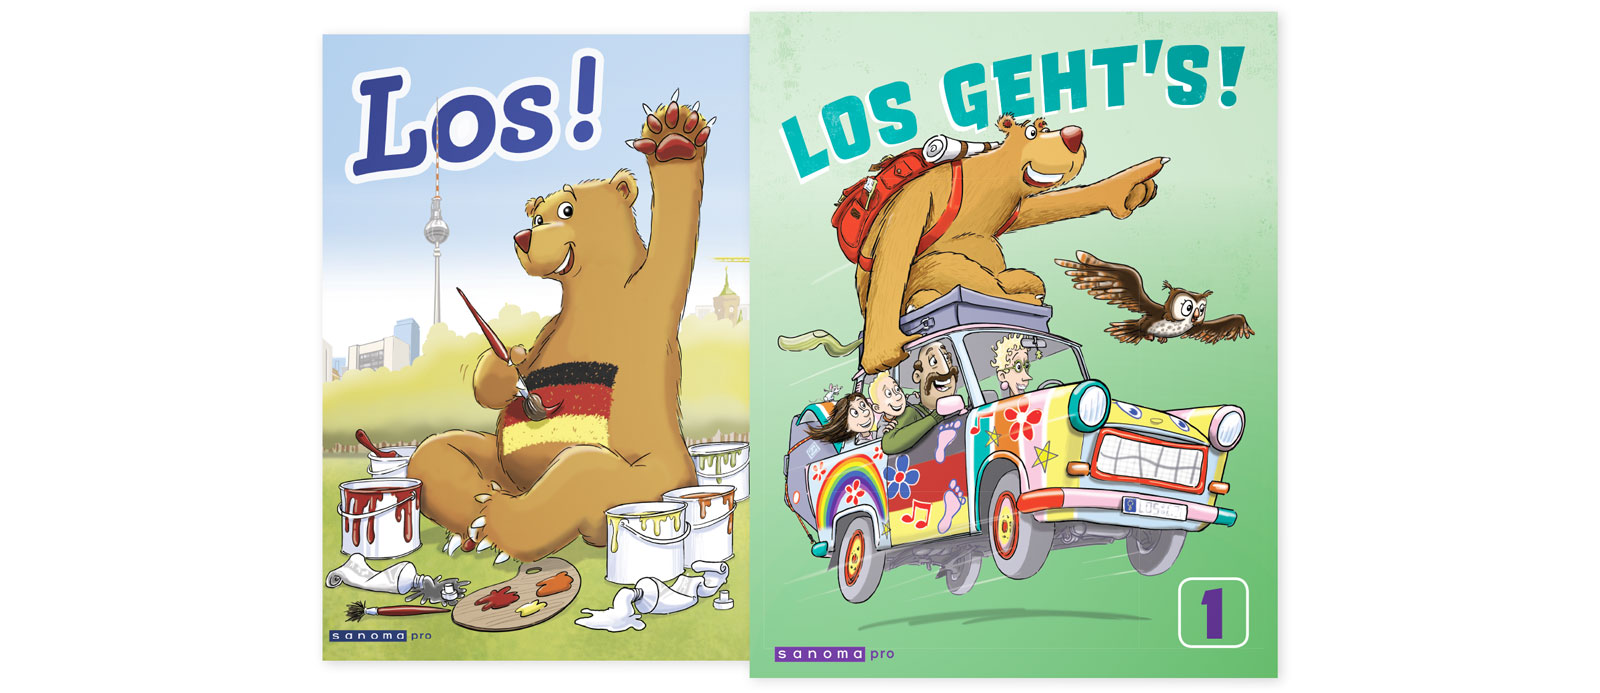 Sanoma Pron alakoulun saksan sarja Los geht's